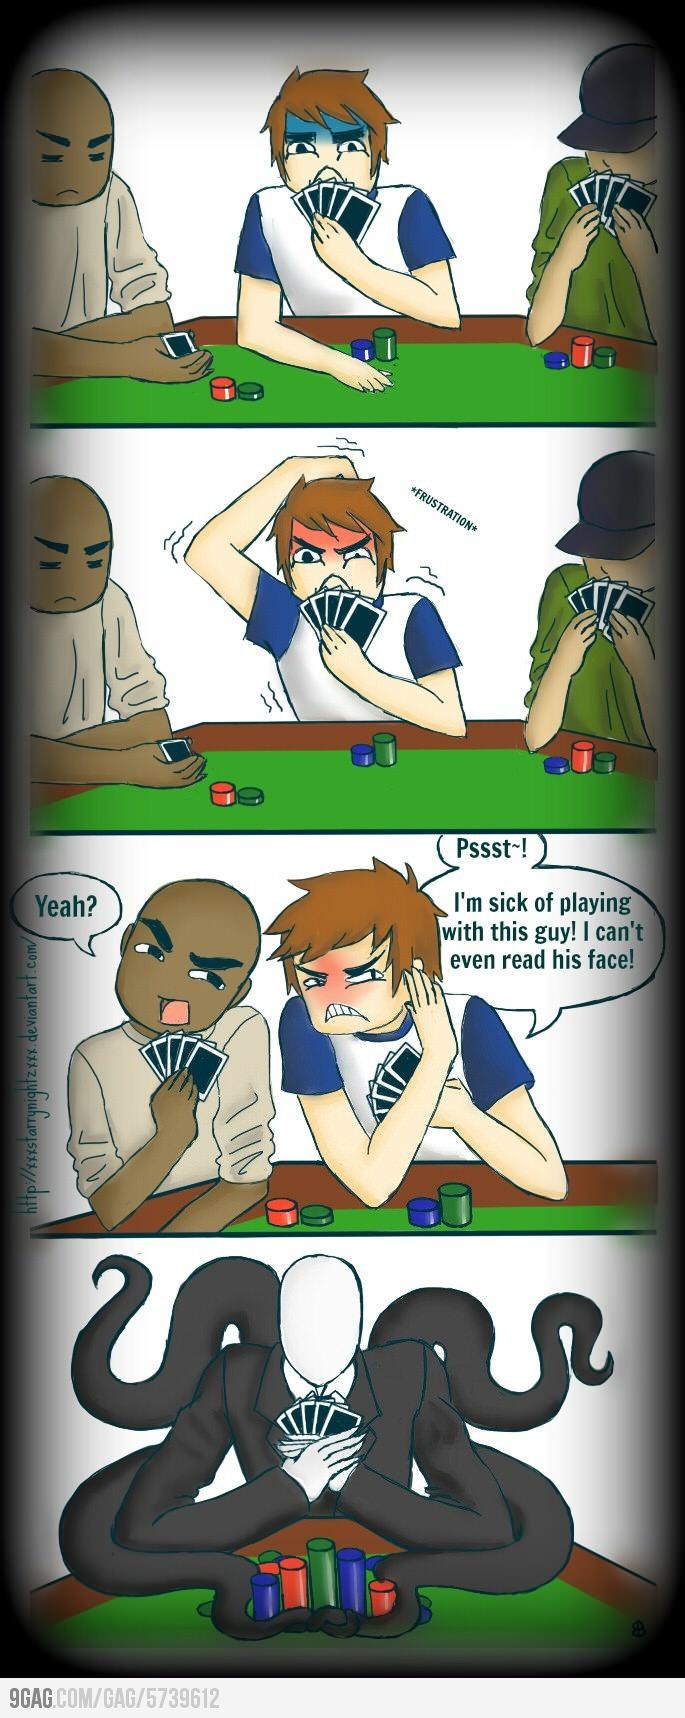 Pokerfaceless